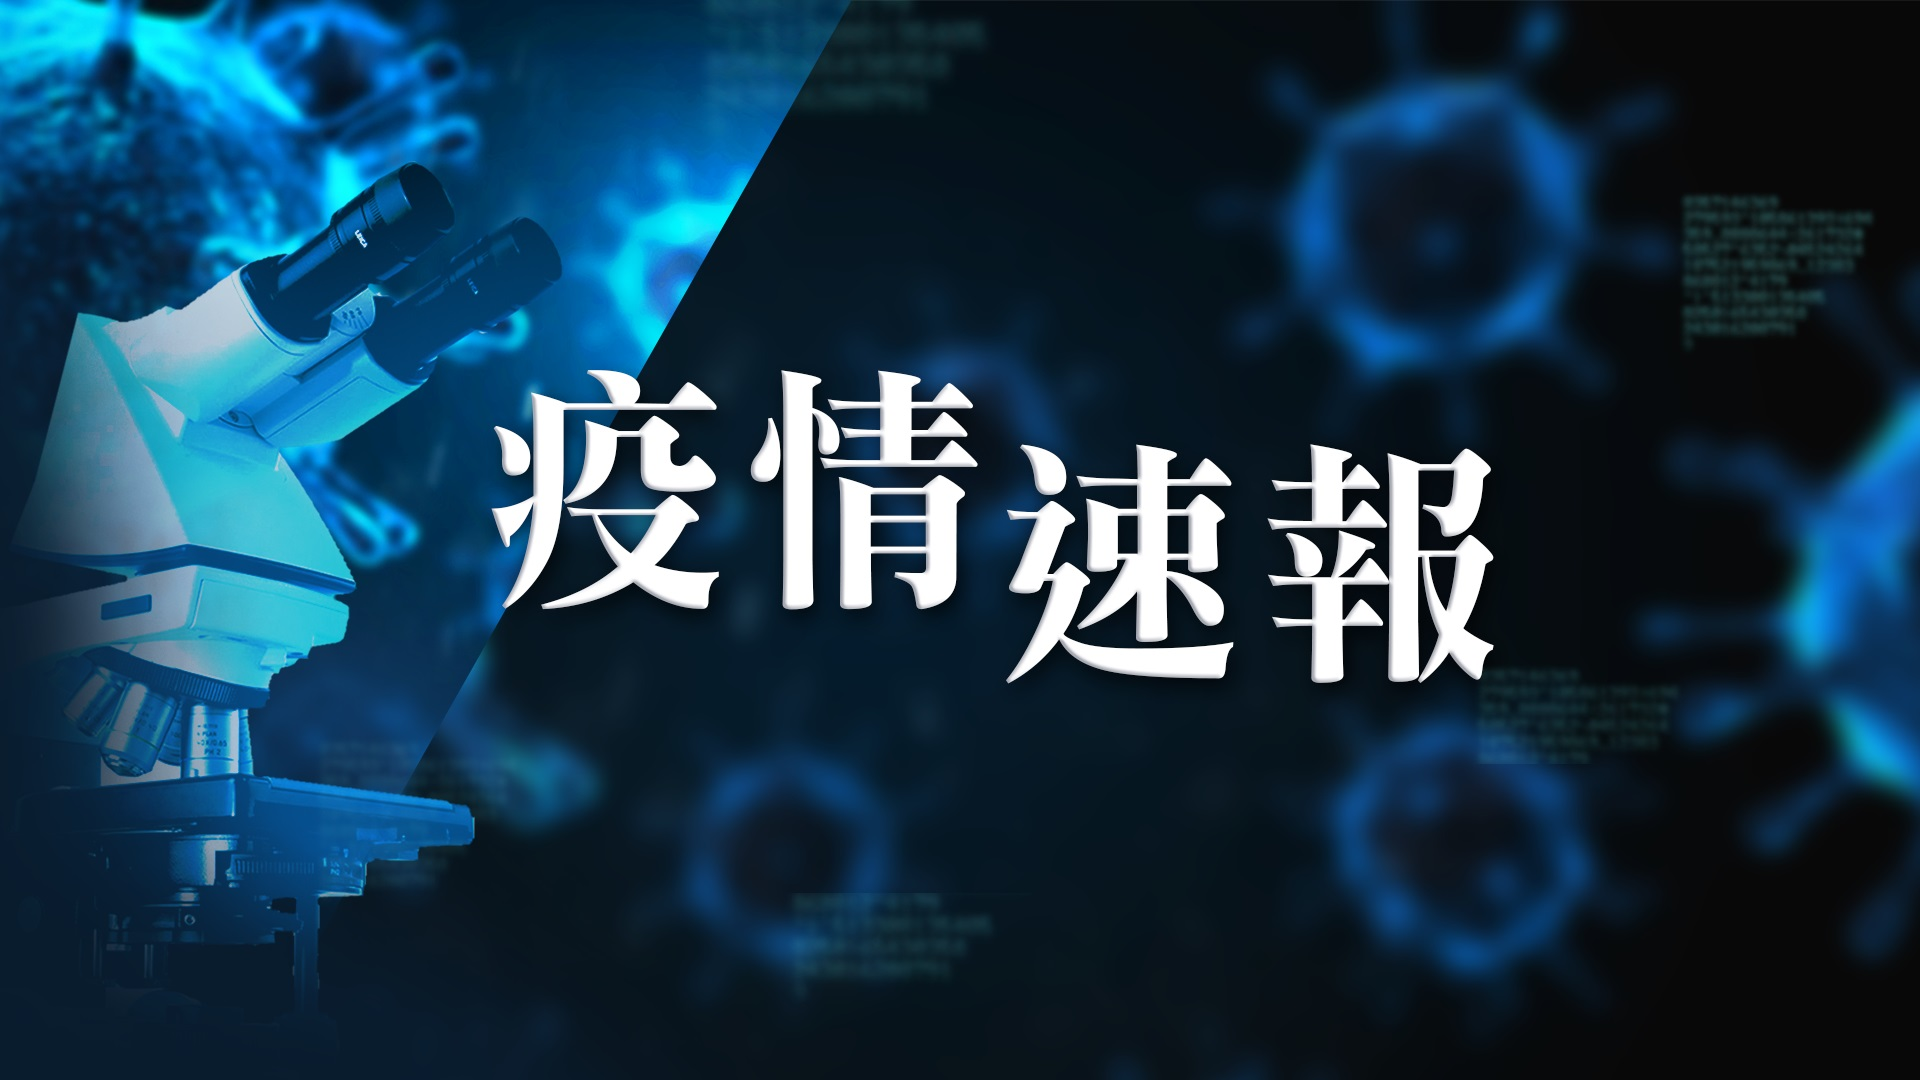 【5月31日疫情速報】(22:20)